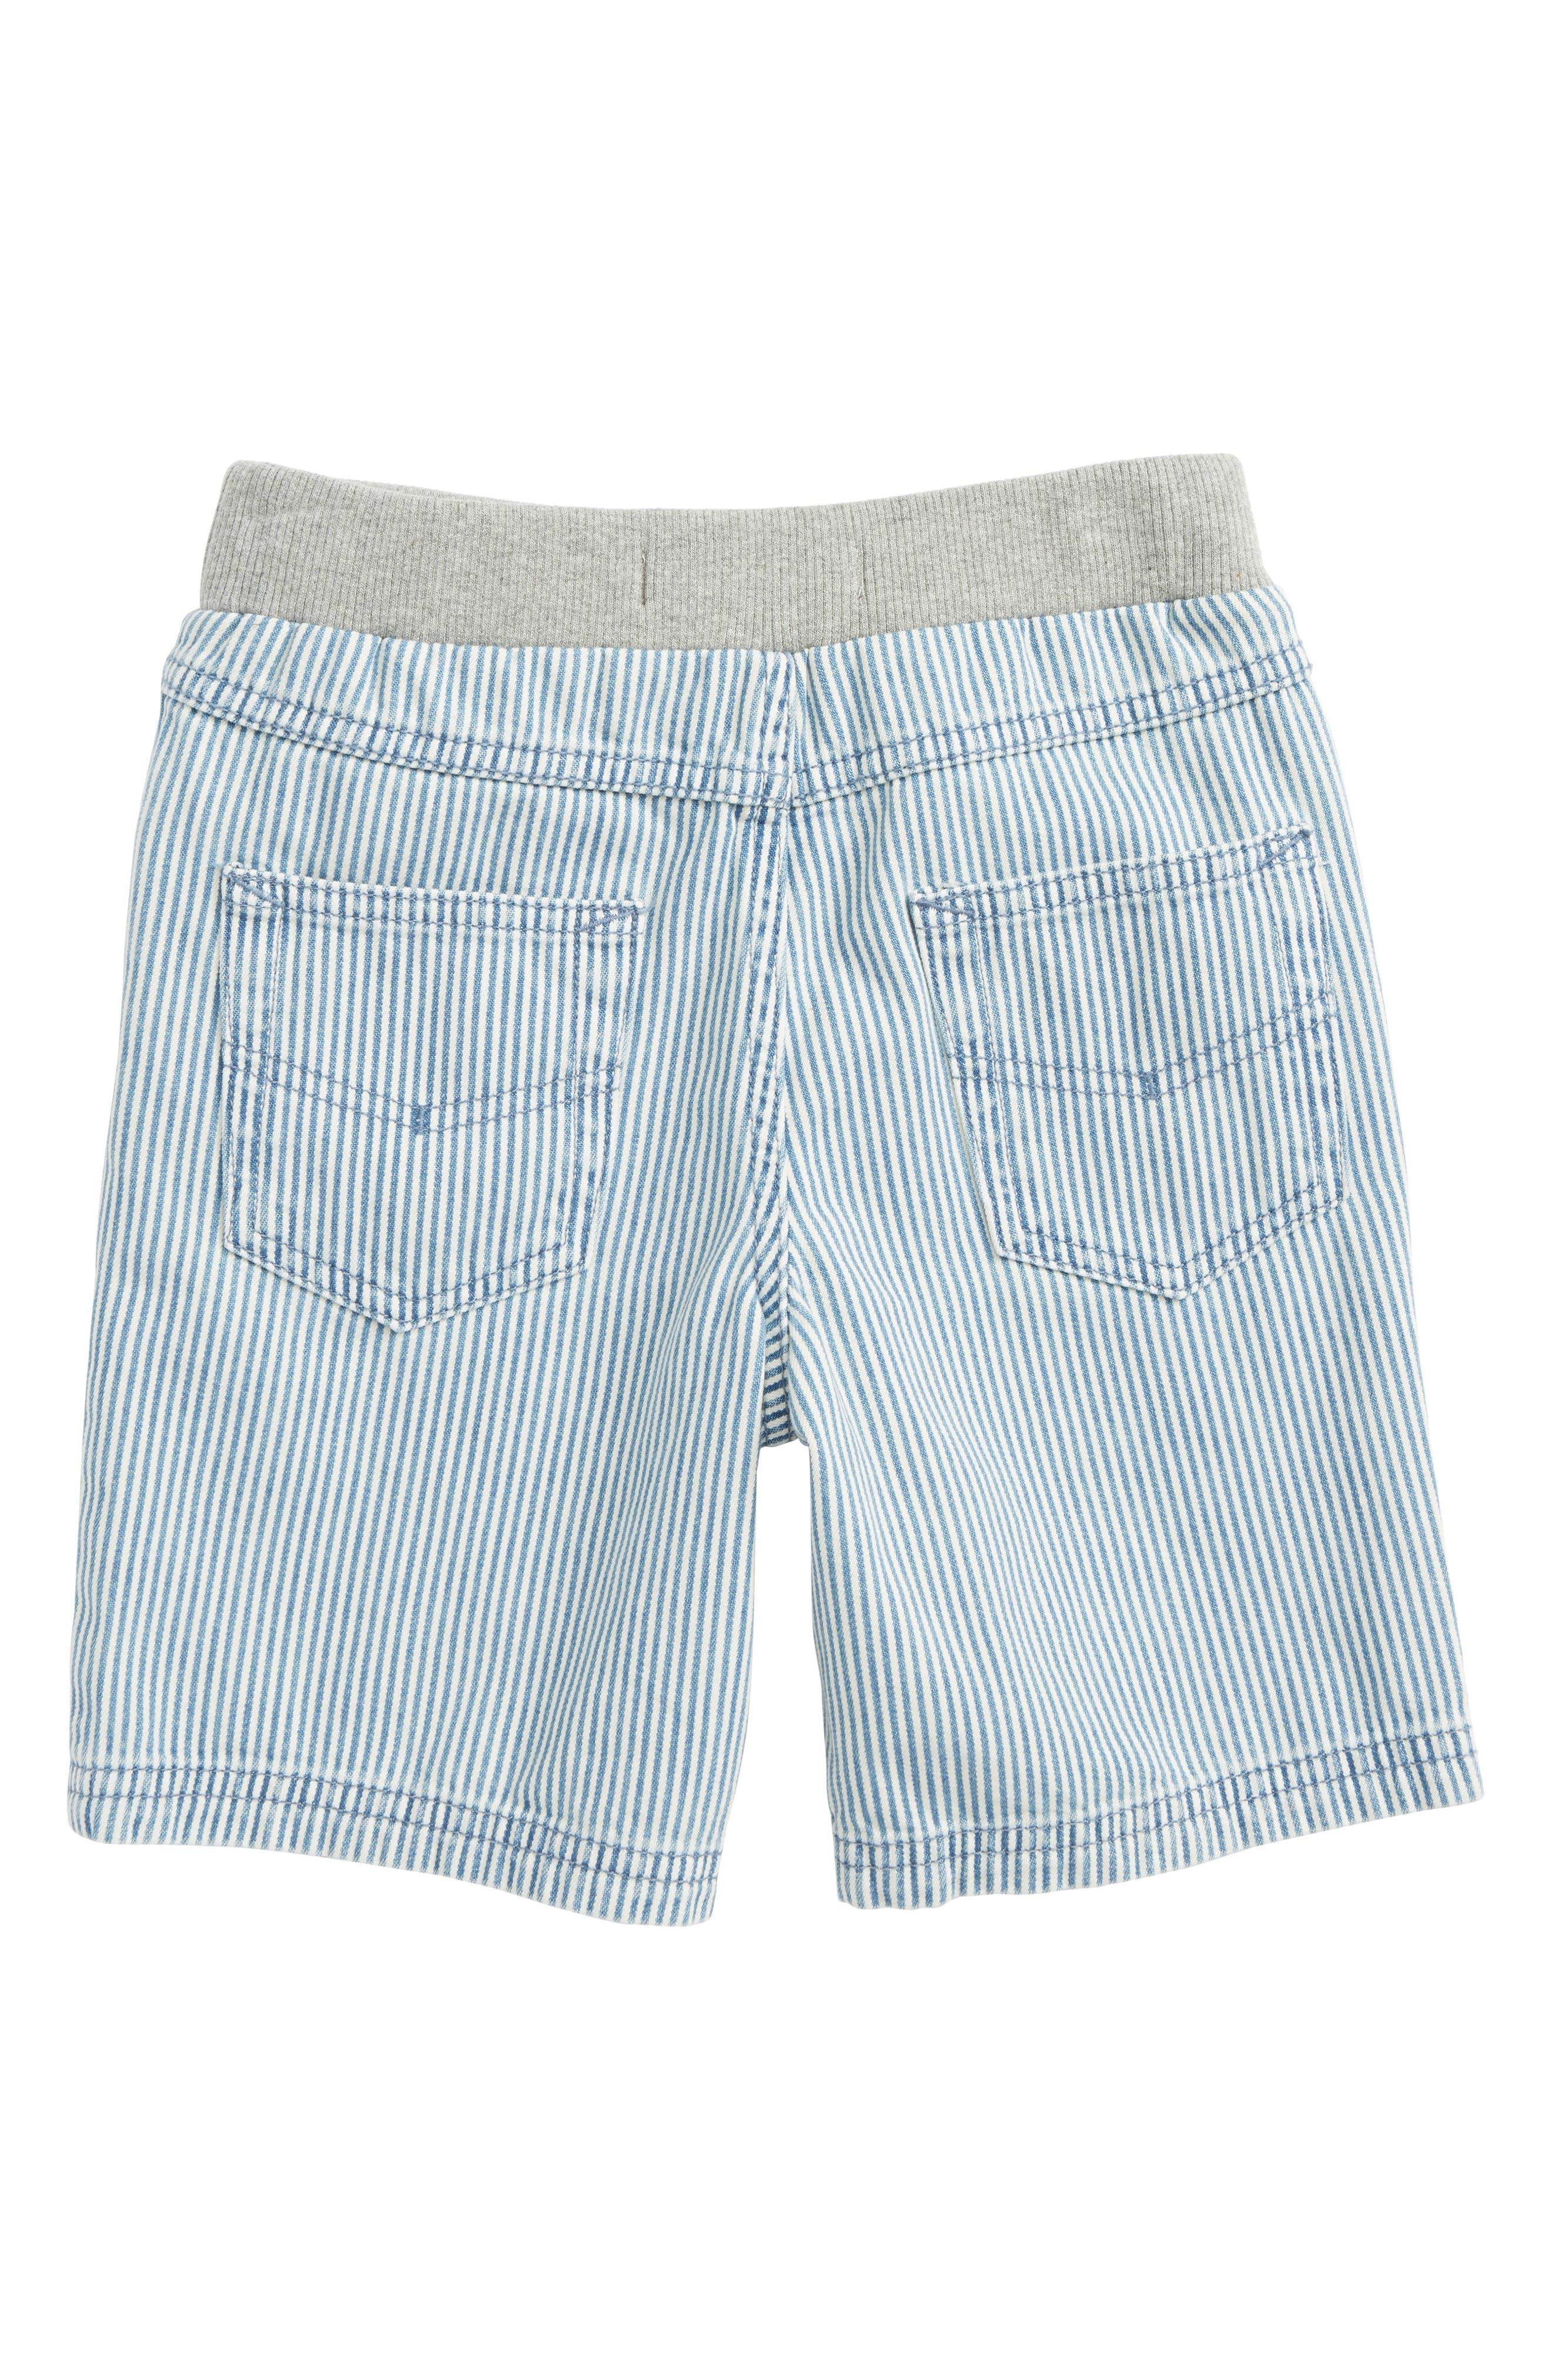 Stripe Shorts,                             Alternate thumbnail 2, color,                             450